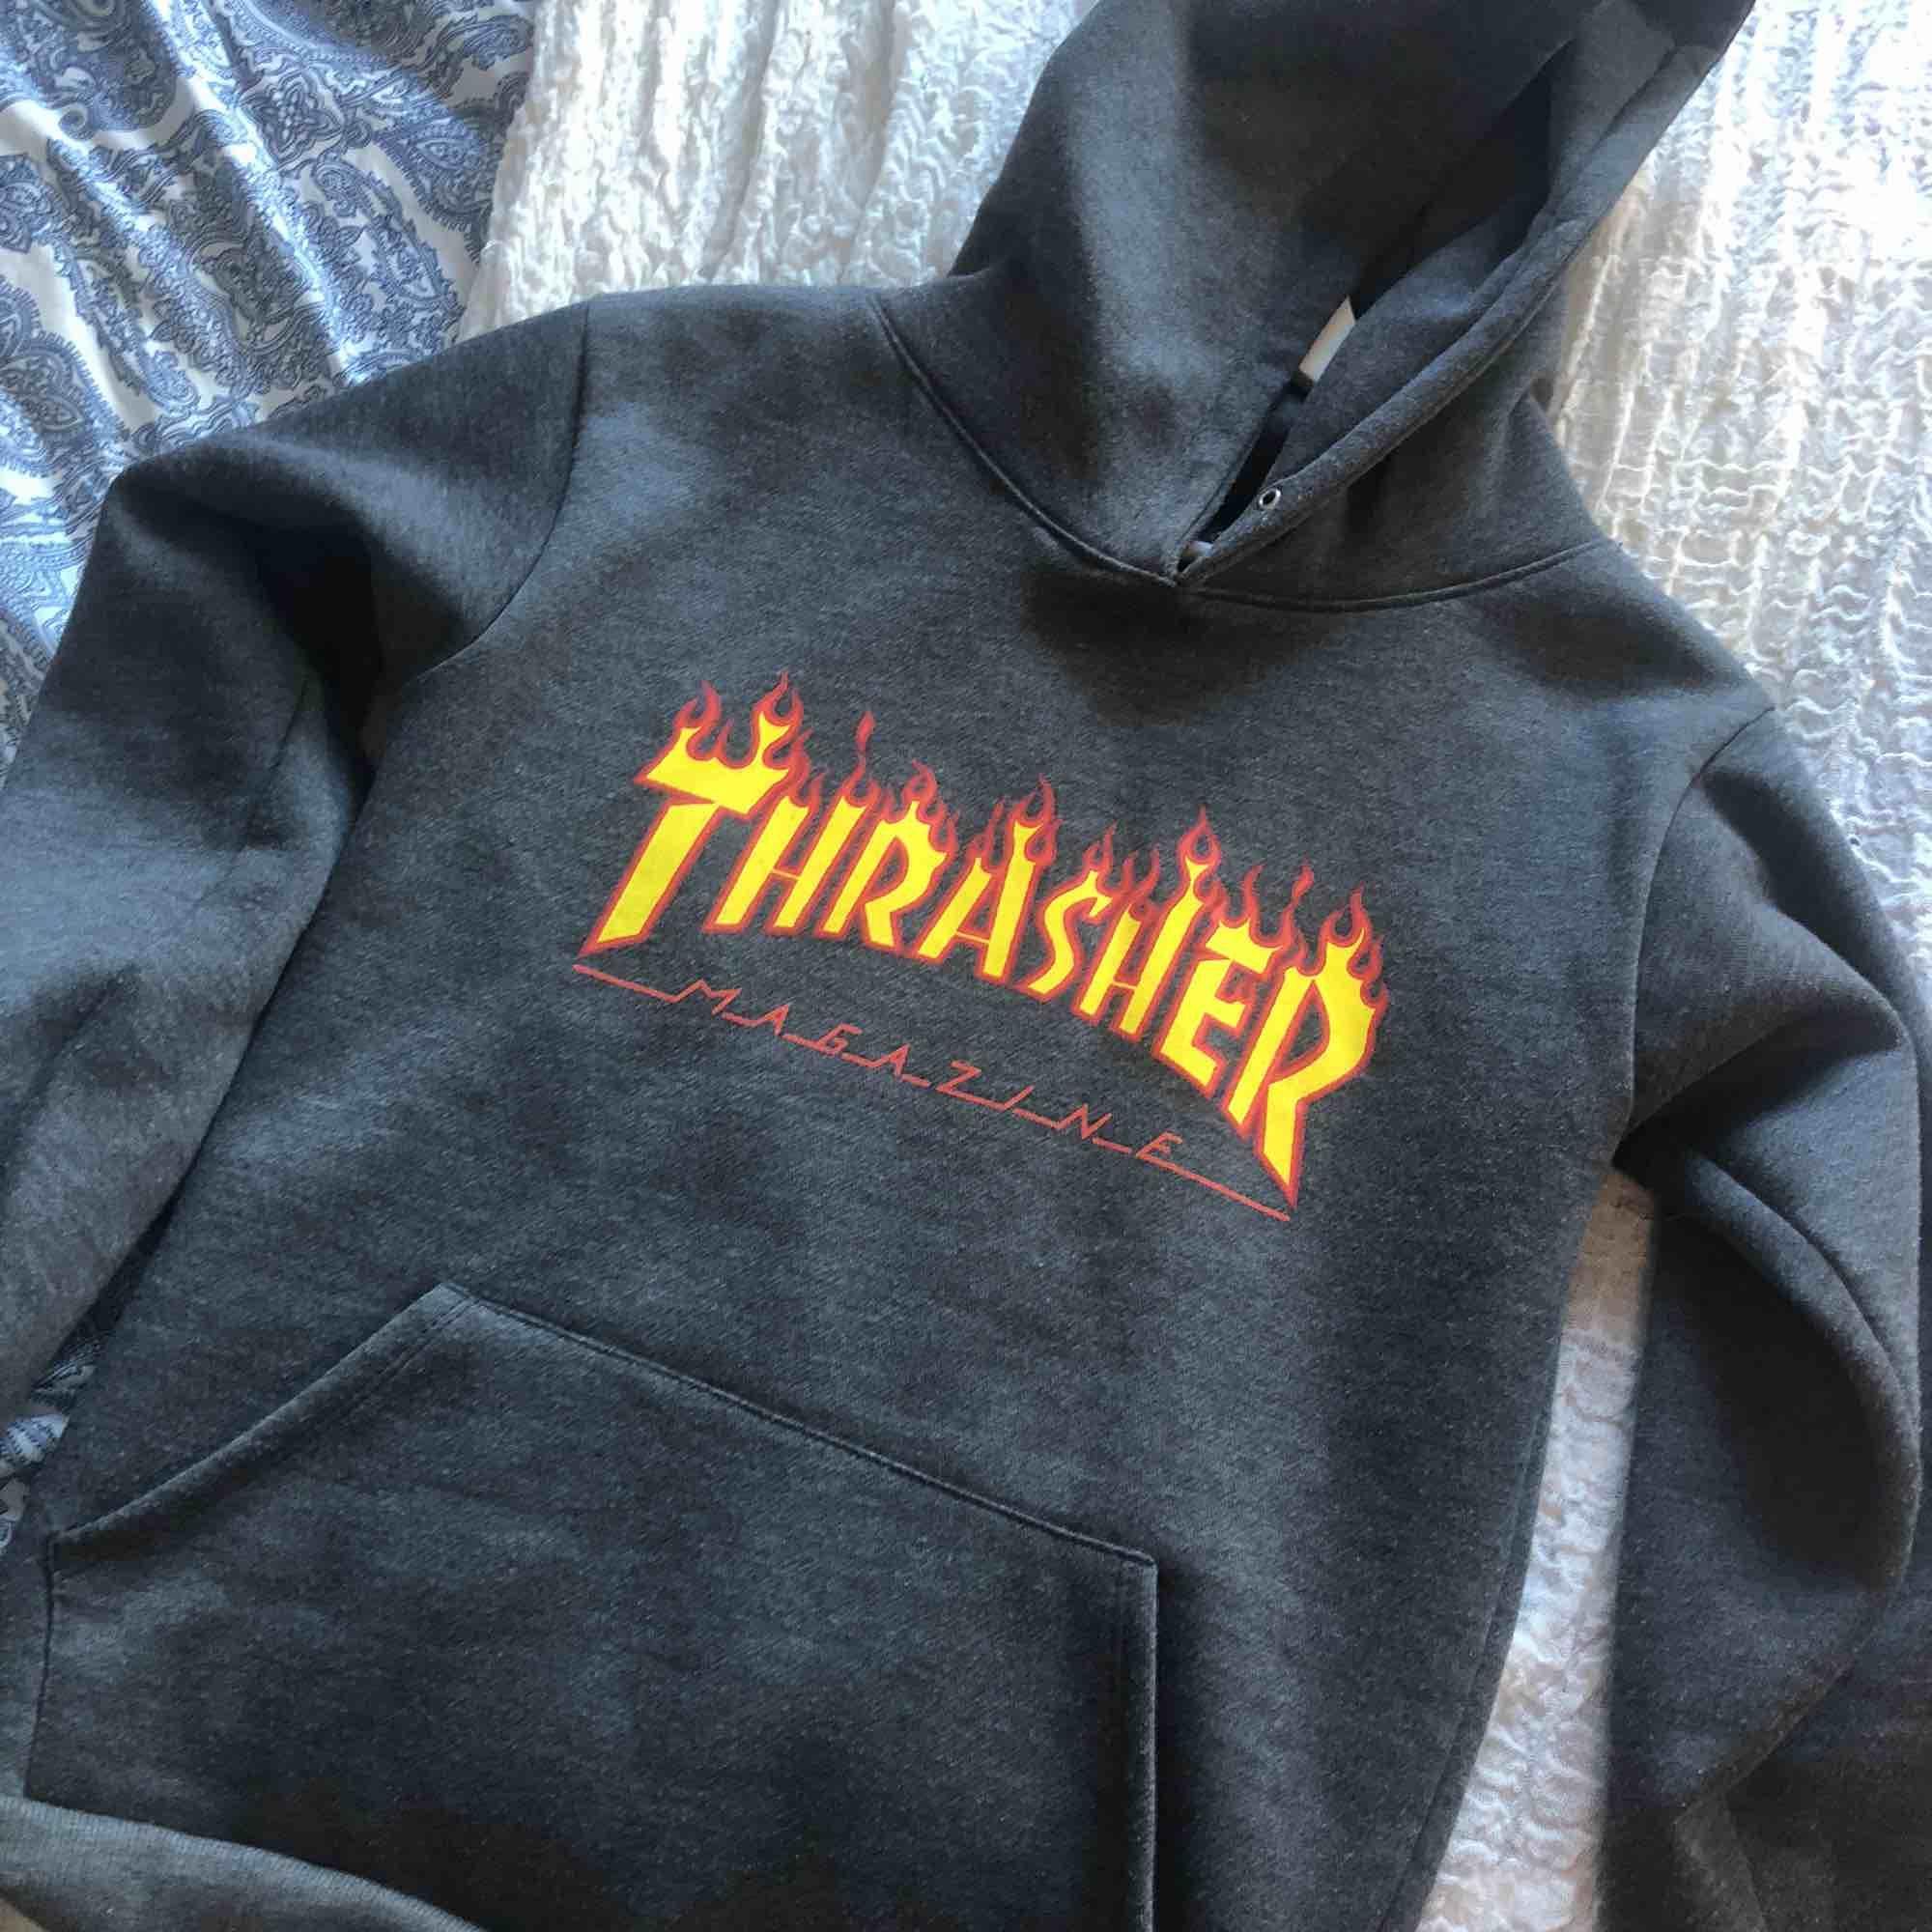 Trasher hoodie (kopia). Huvtröjor & Träningströjor.